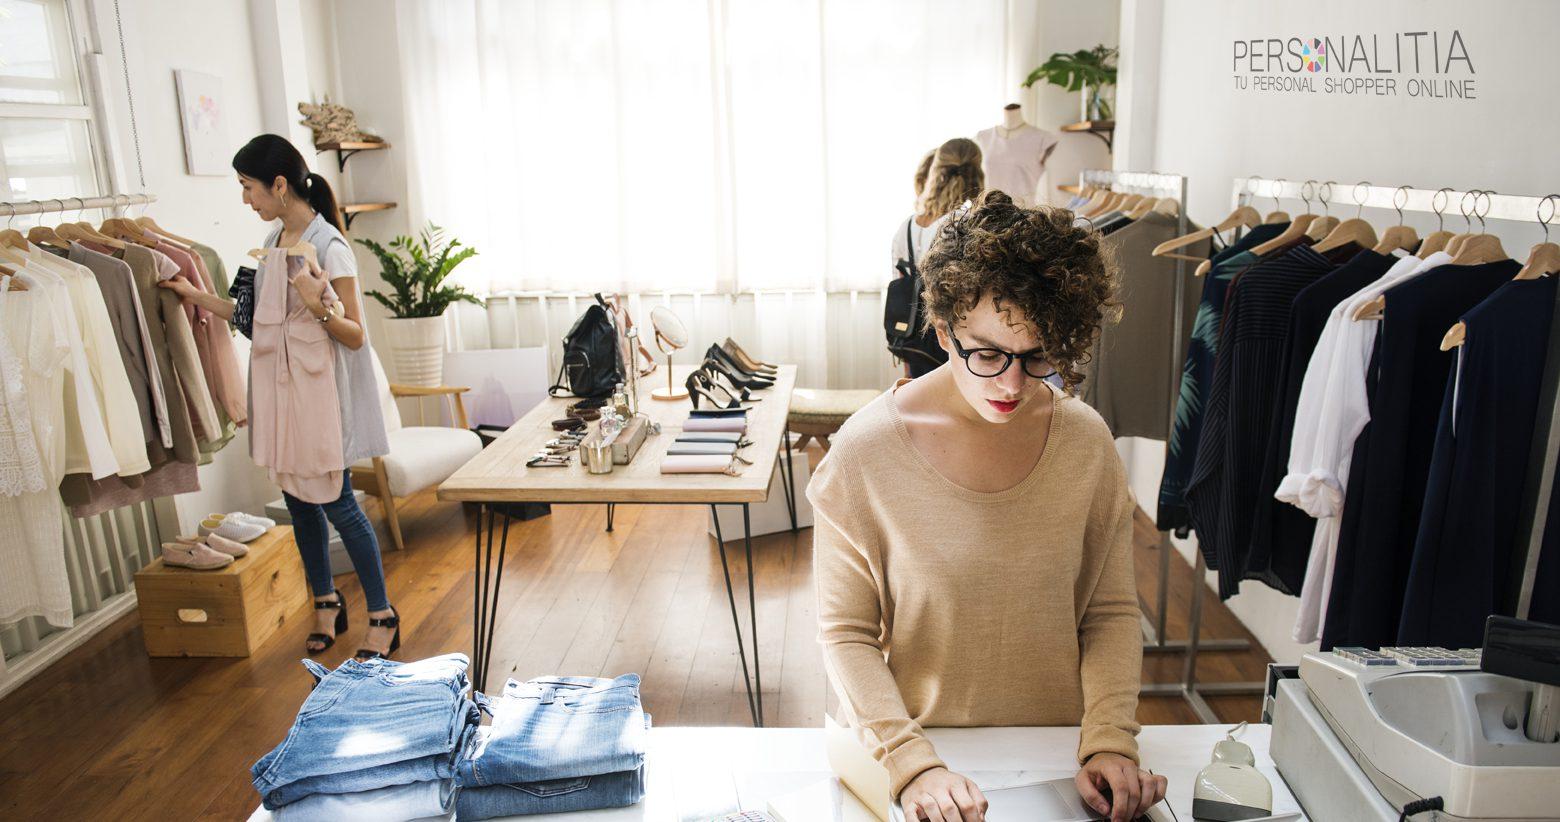 Personalitia - tu personal shopper online